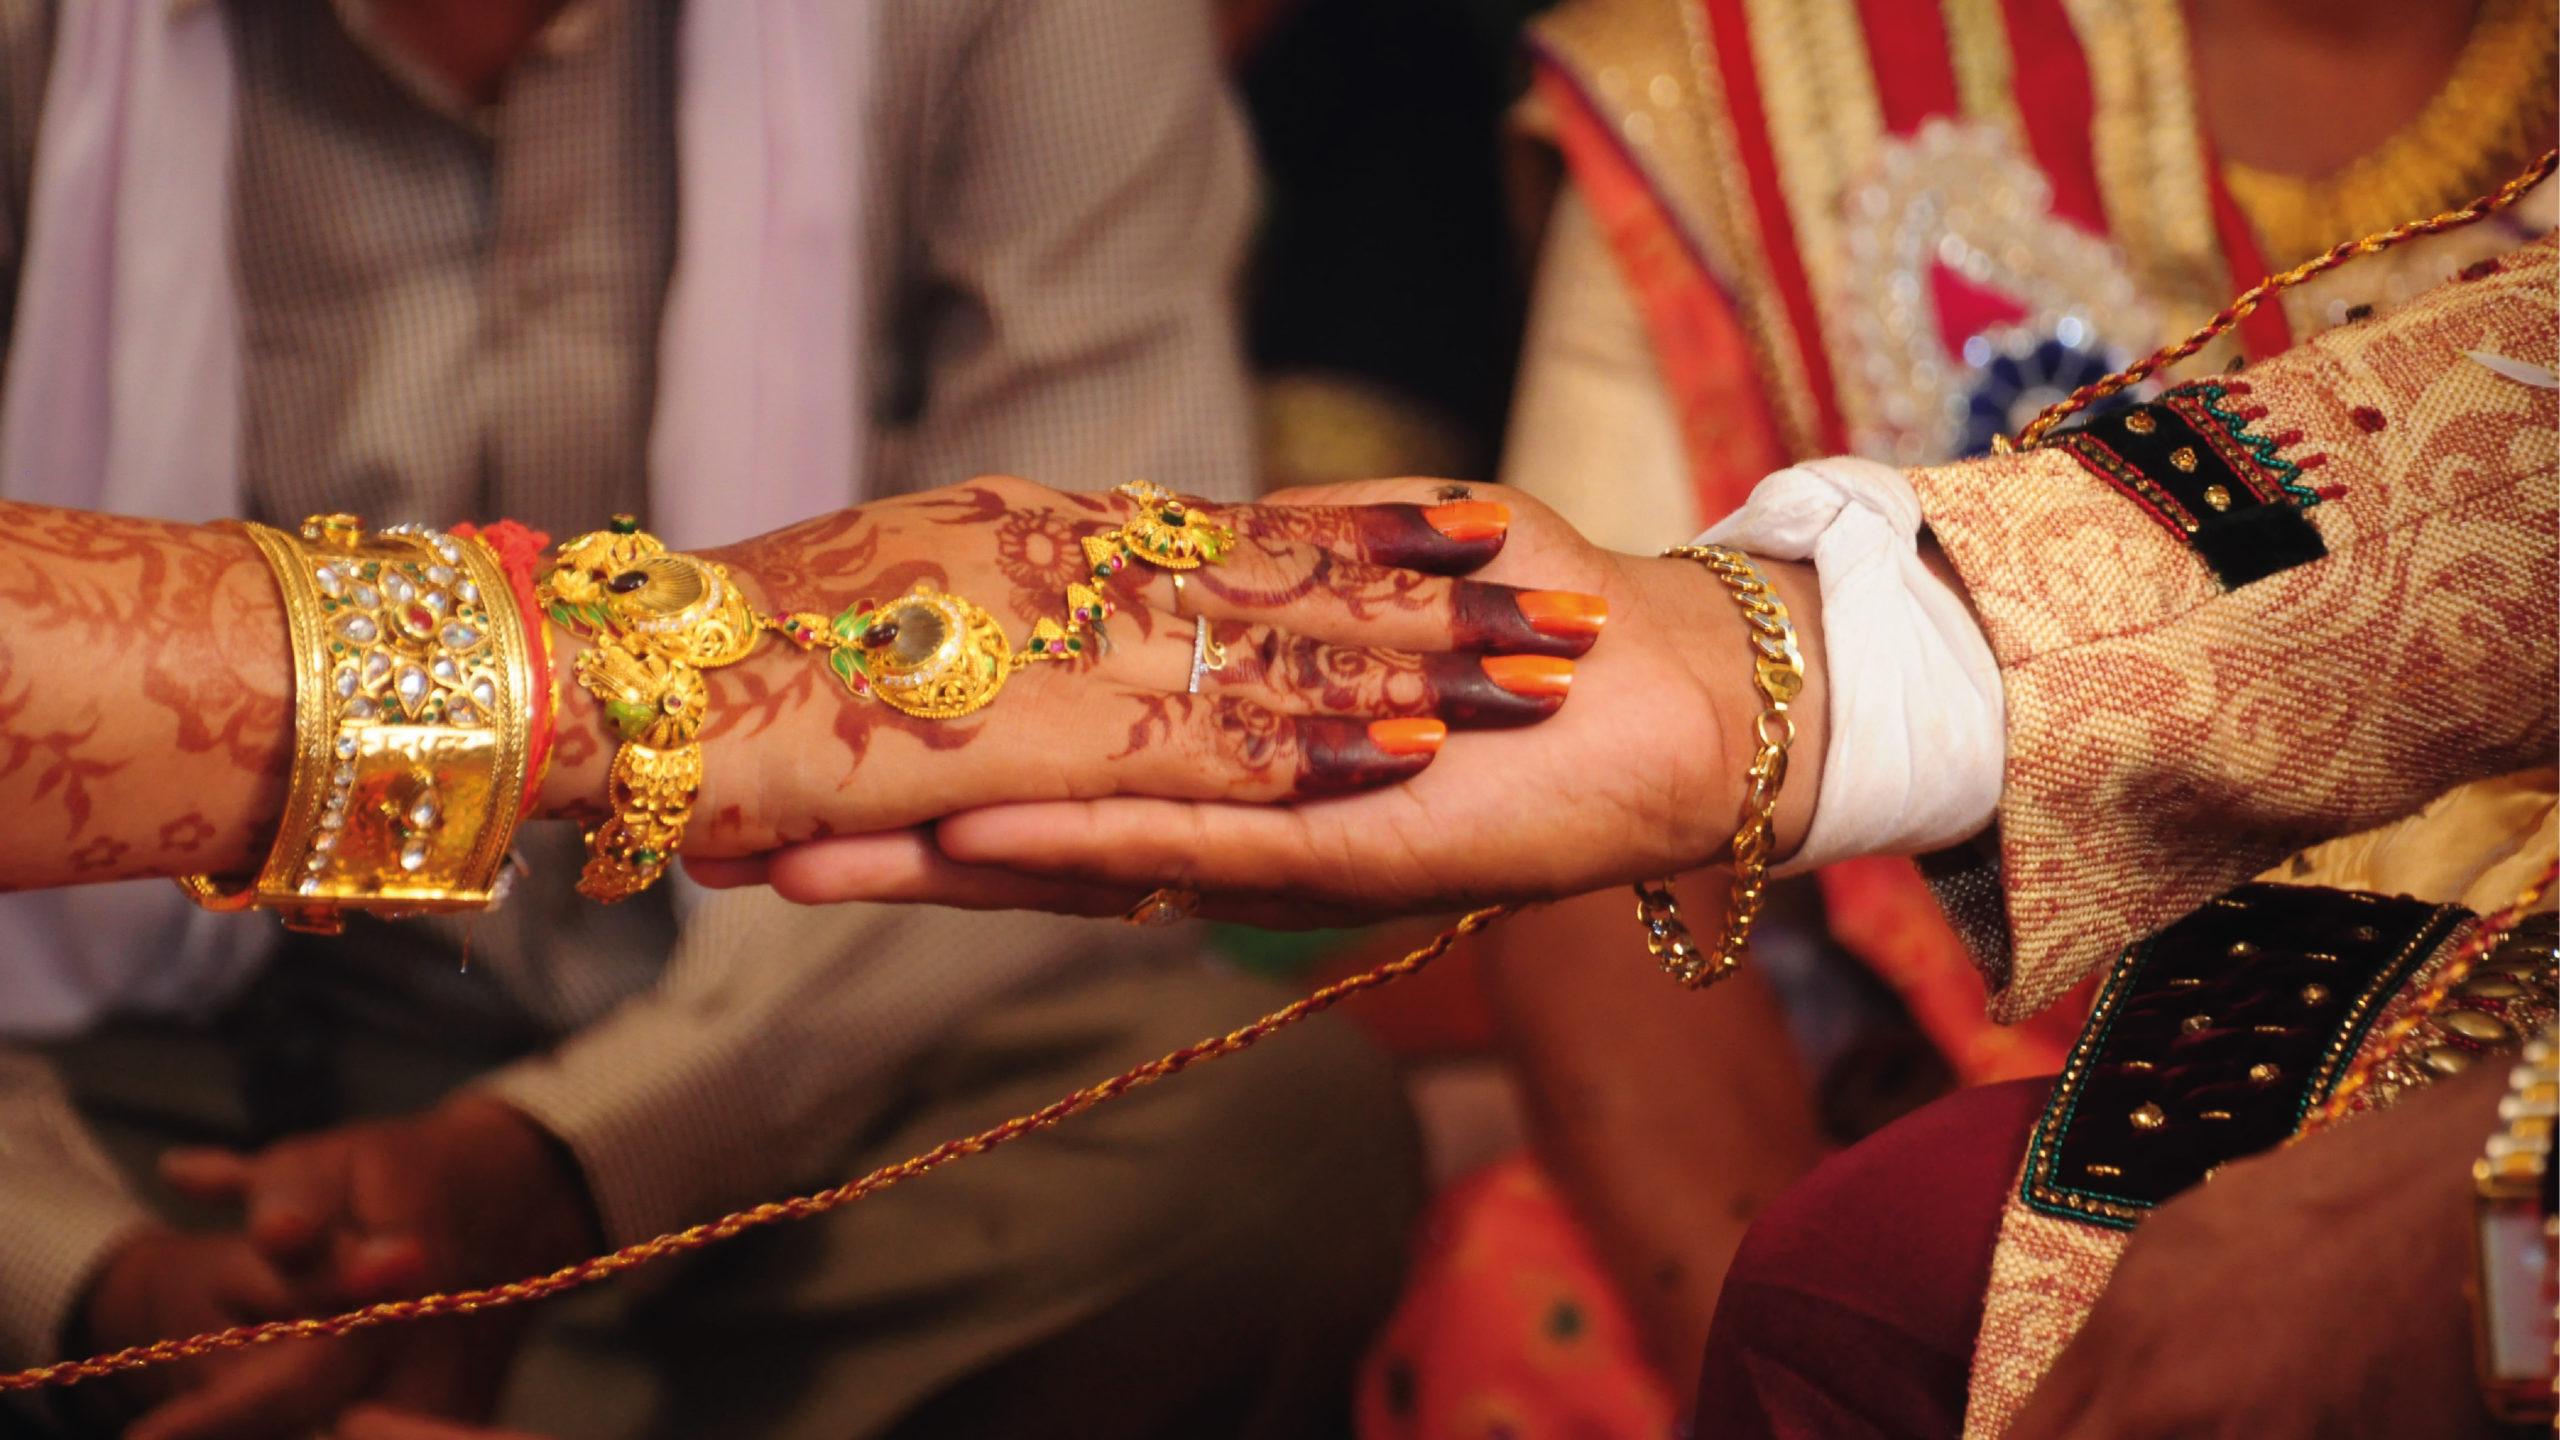 Celebración de boda en avión pese a Covid-19 desata investigación en India